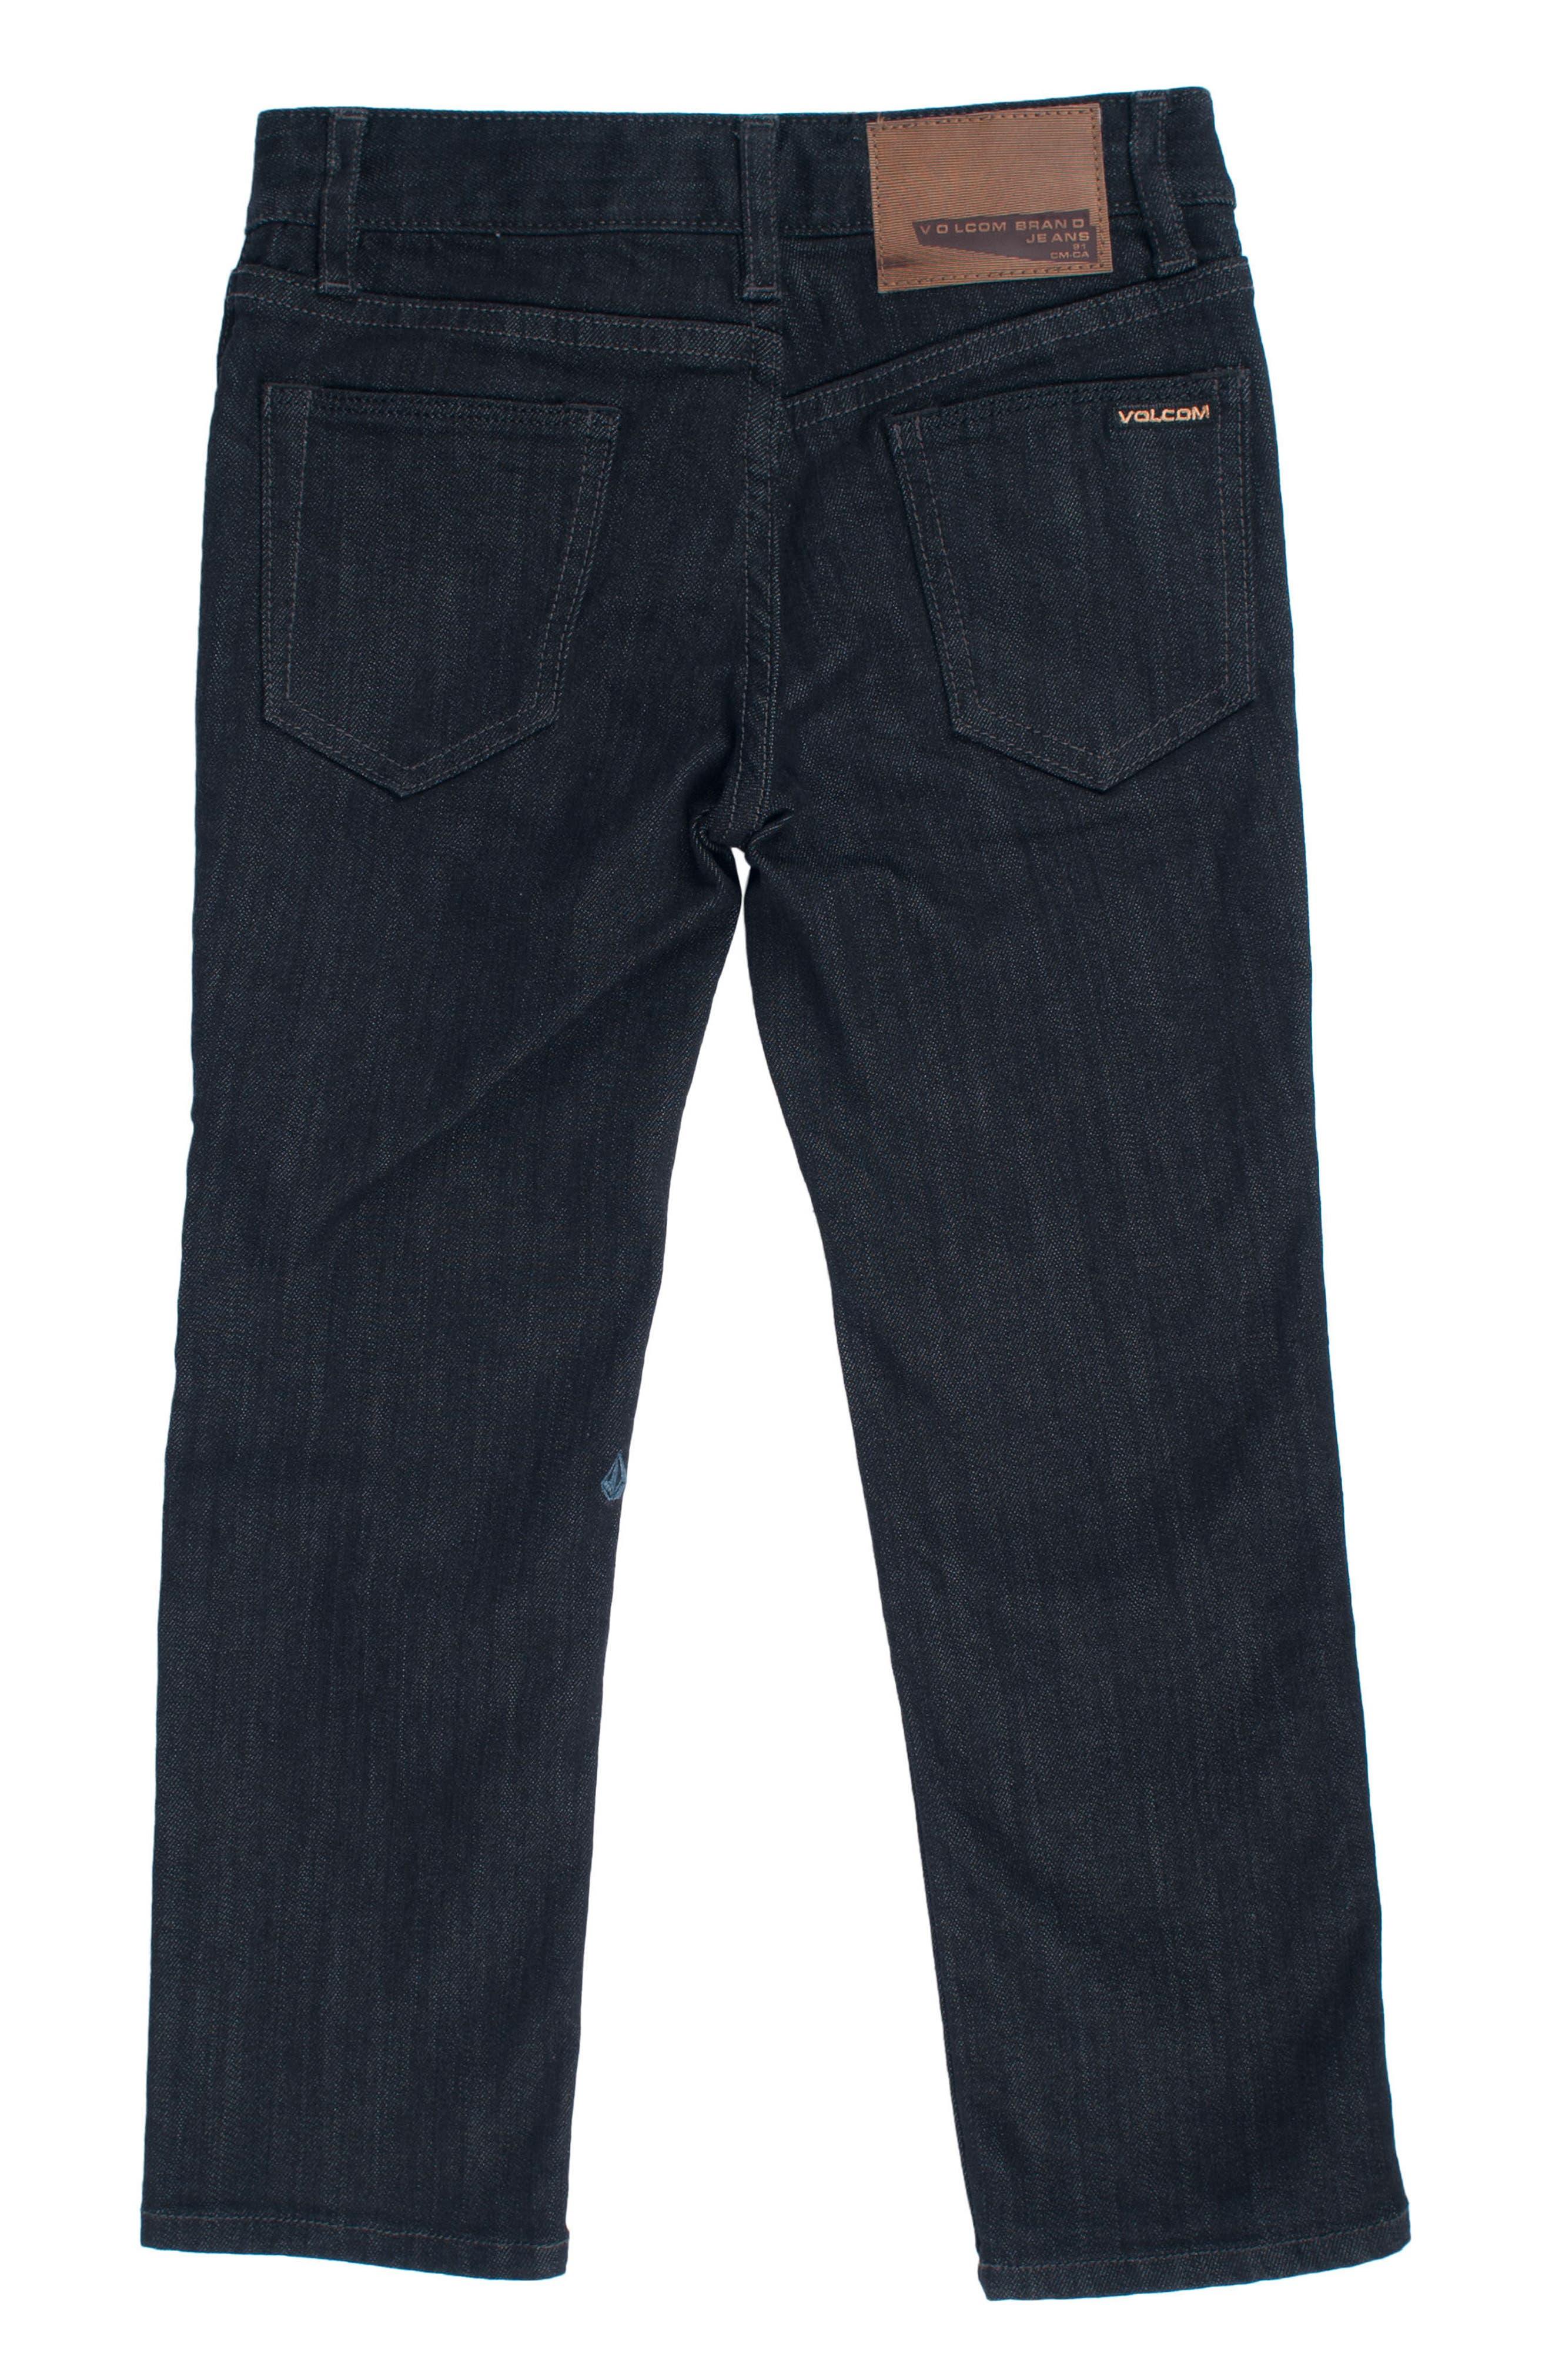 Vorta Slim Fit Jeans,                             Alternate thumbnail 2, color,                             005